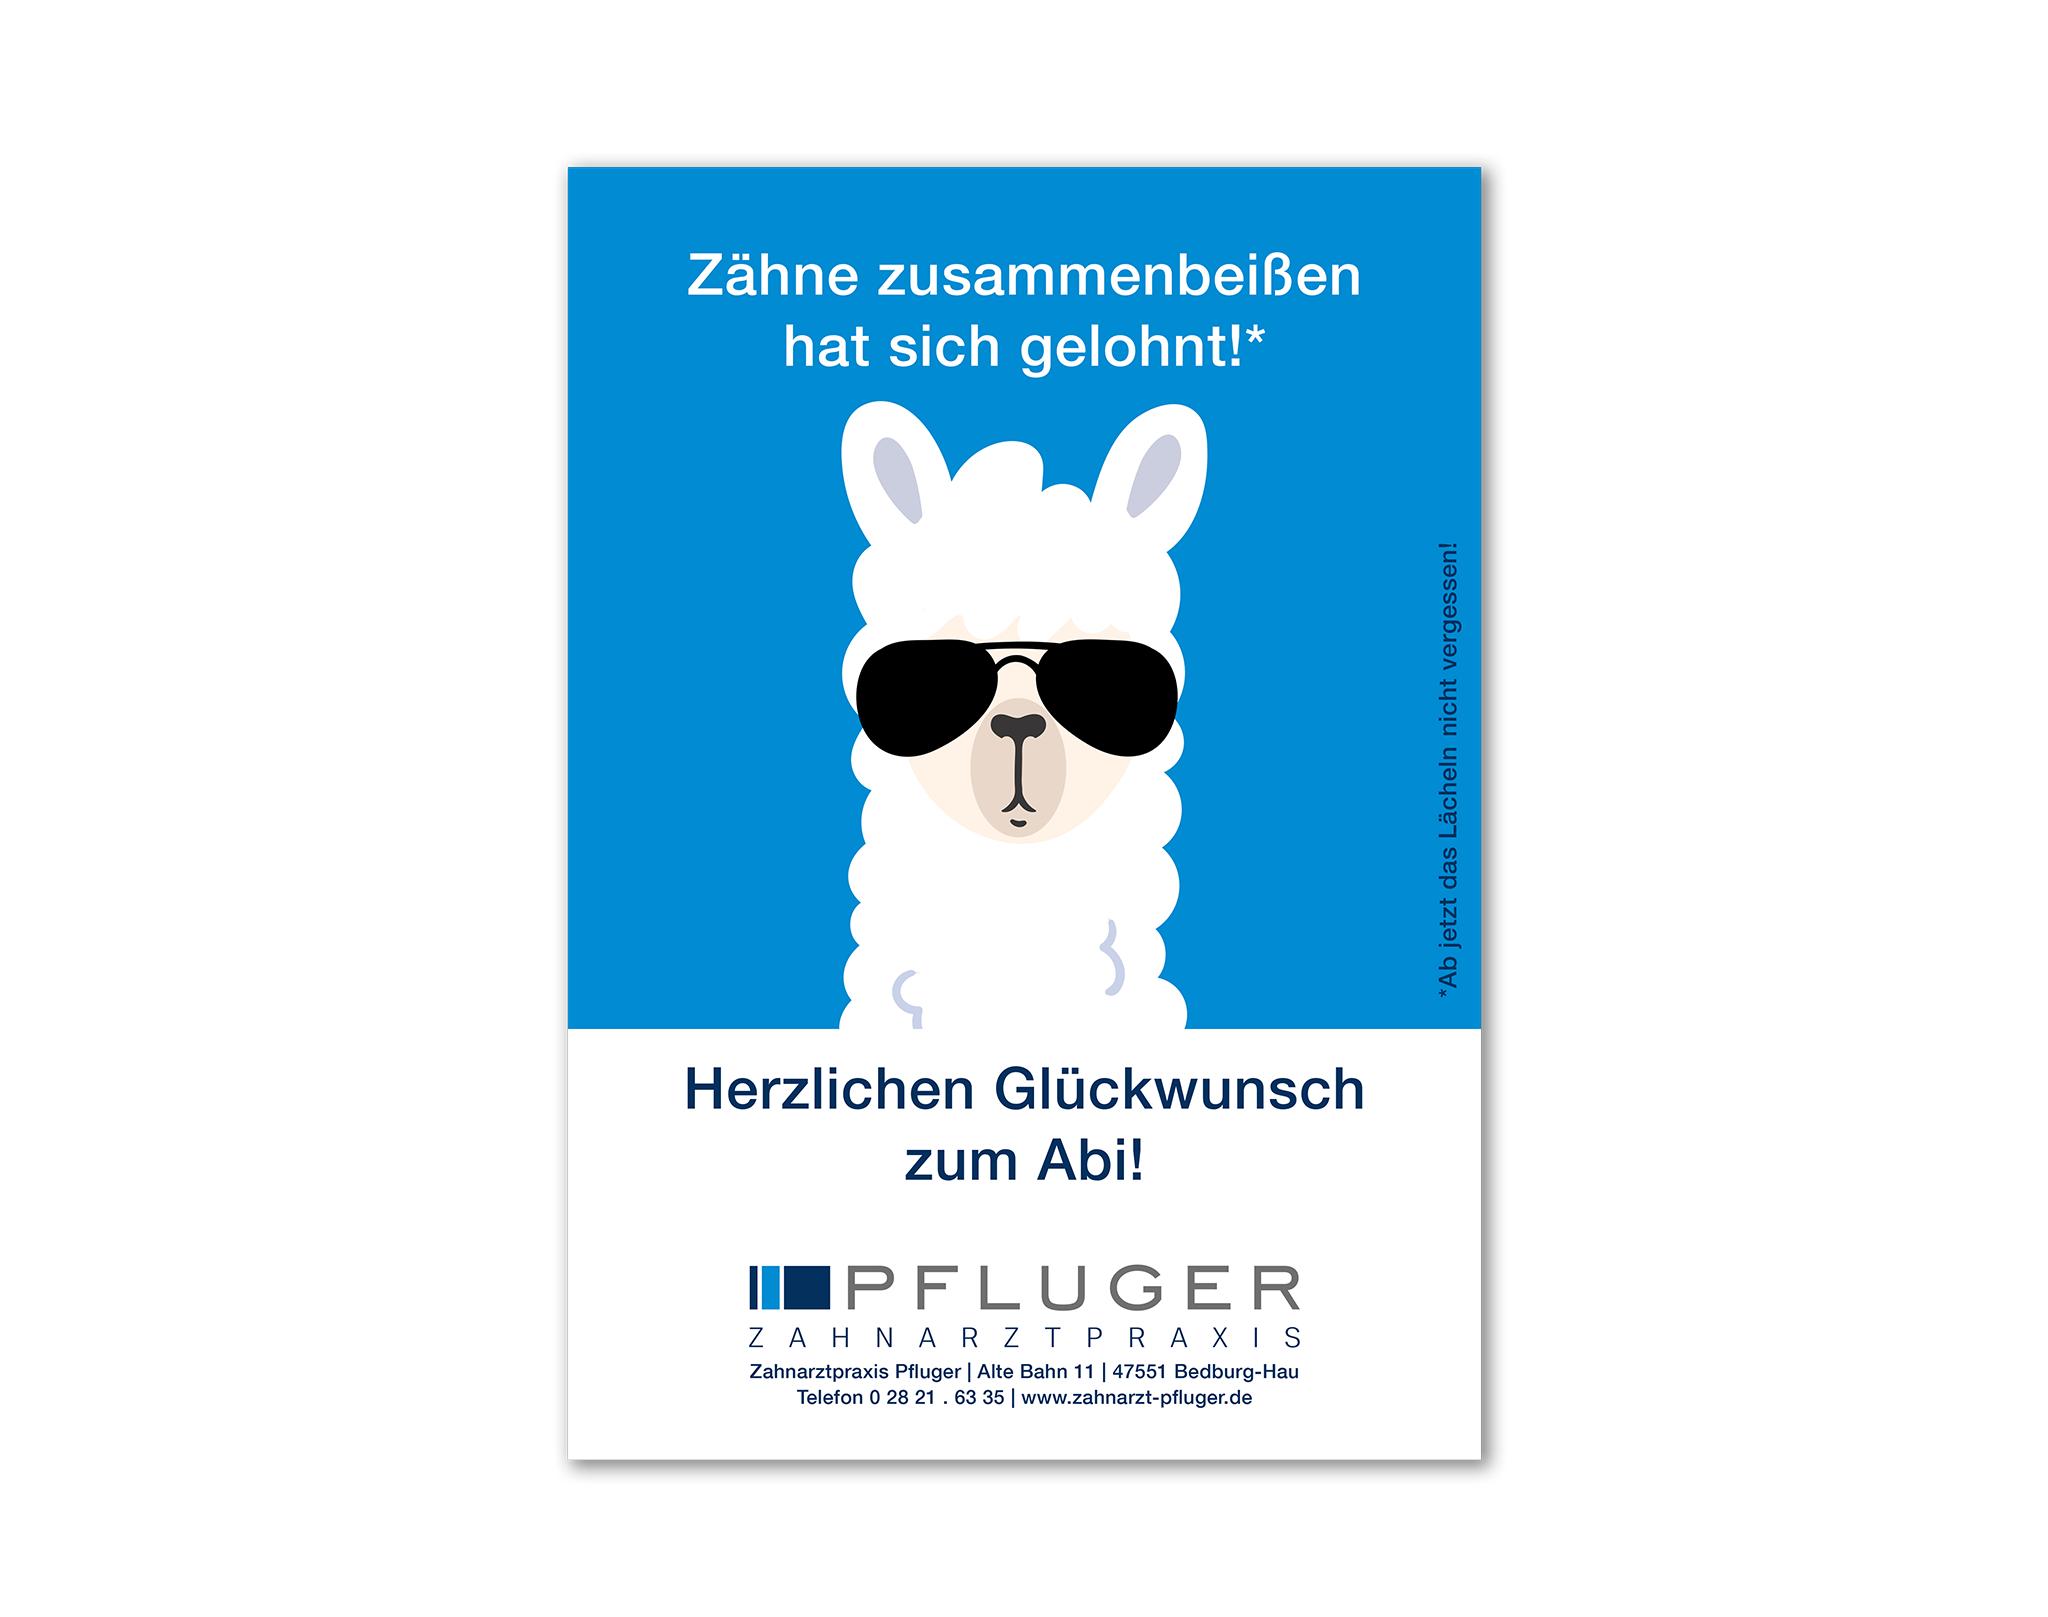 regel-design-zahnarzt-pfluger-abianzeige